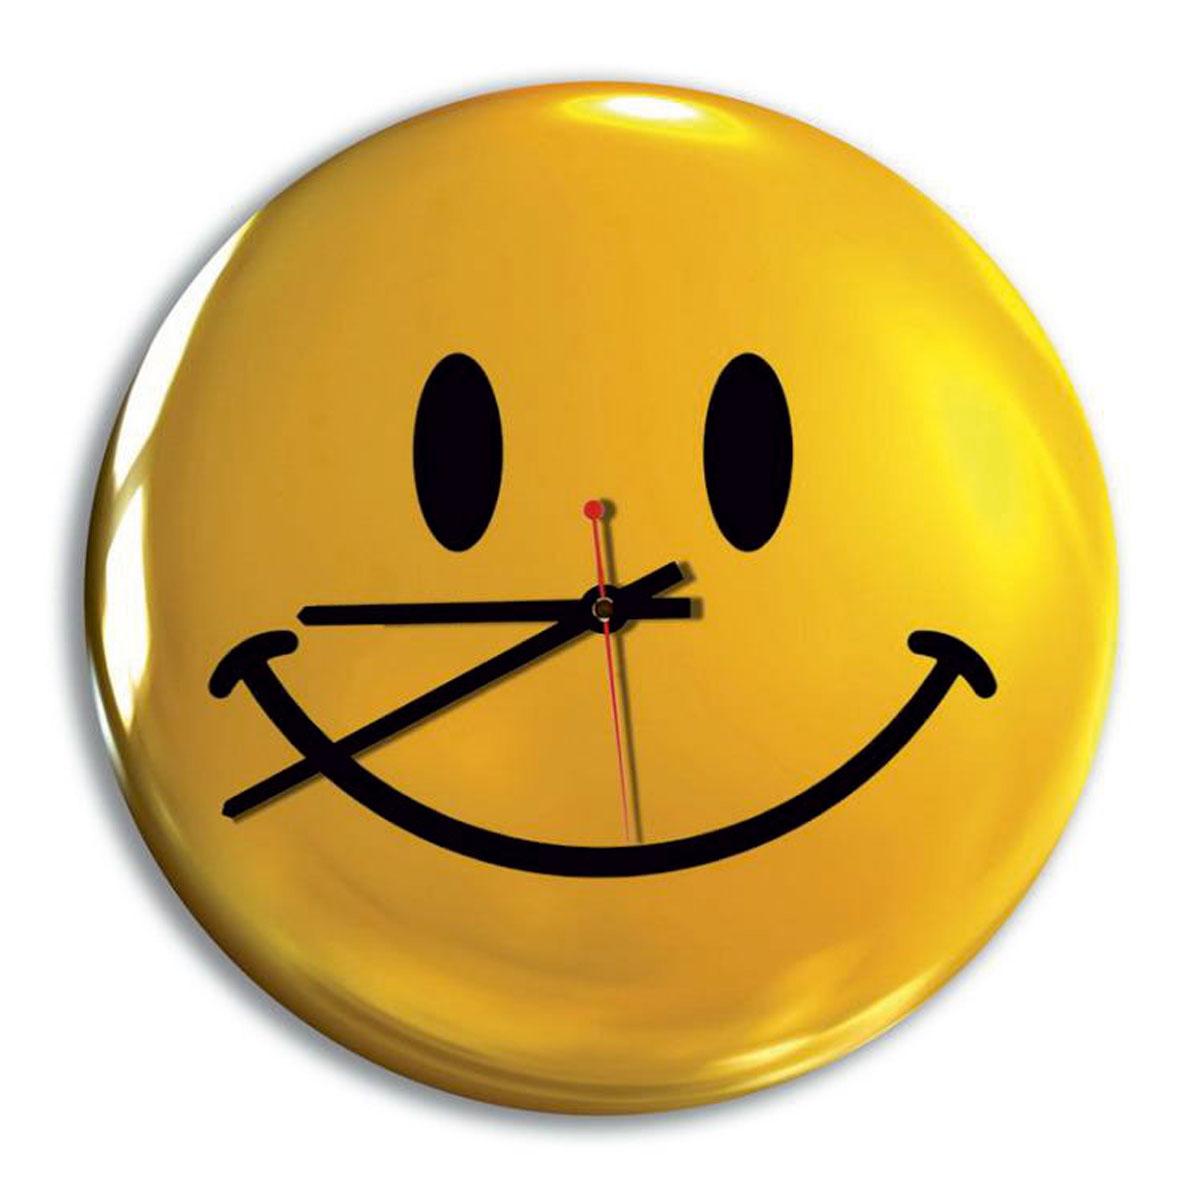 Часы настенные Miolla Смайлик, цвет: желтый, черный, диаметр 28 смСК011 2069Оригинальные настенные часы Miolla Смайлик круглой формы выполнены из закаленного стекла. Часы имеют три стрелки - часовую, минутную и секундную и циферблат с цифрами. Необычное дизайнерское решение и качество исполнения придутся по вкусу каждому.Оформите свой дом таким интерьерным аксессуаром или преподнесите его в качестве презента друзьям, и они оценят ваш оригинальный вкус и неординарность подарка.Диаметр: 28 см.